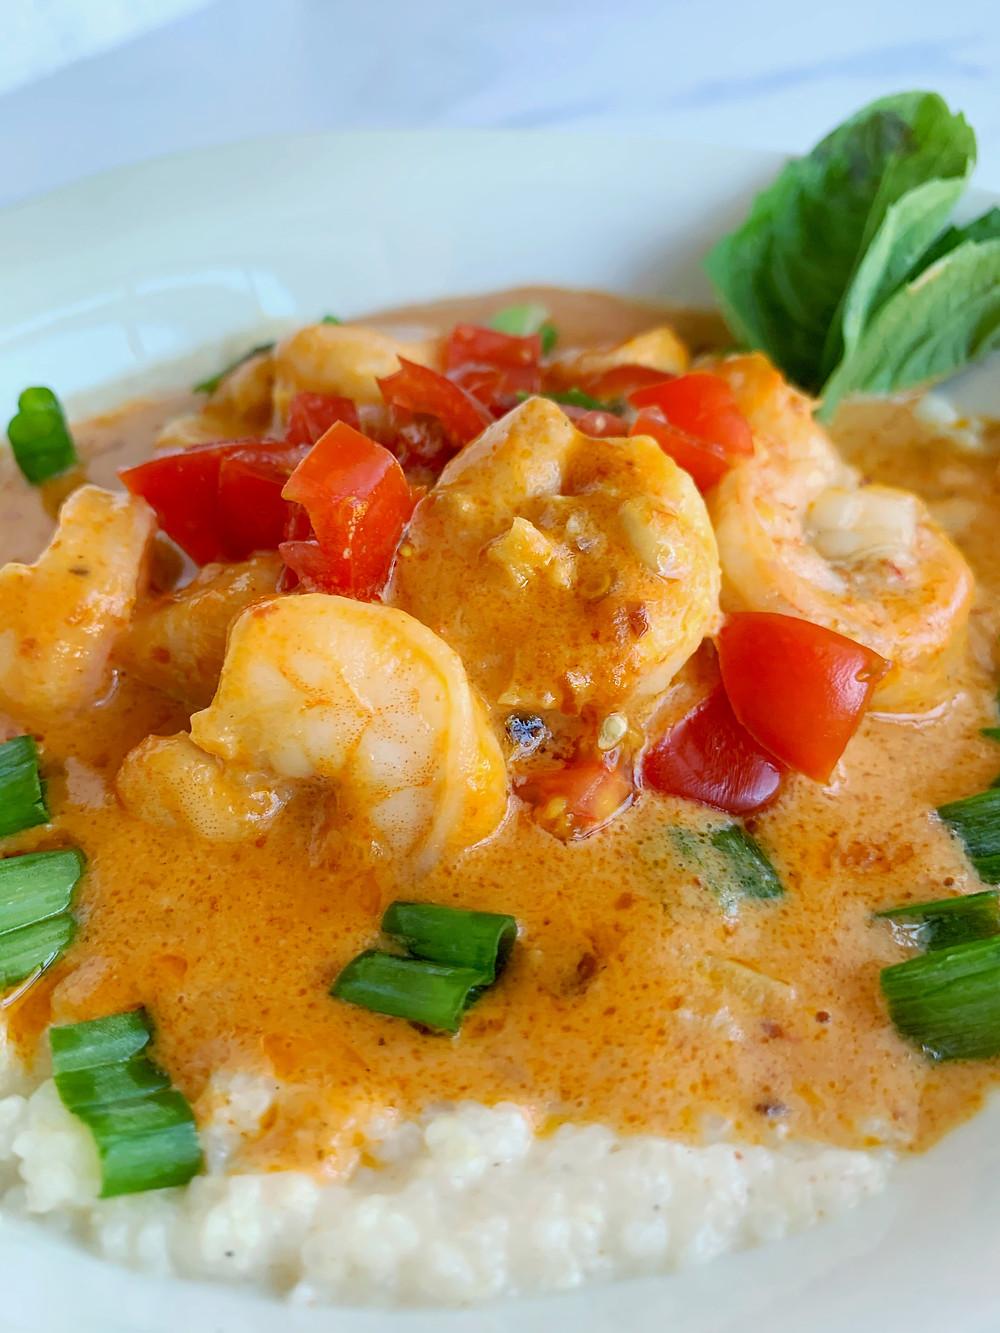 closeup shot of cajun shrimp and grits with tomato sauce